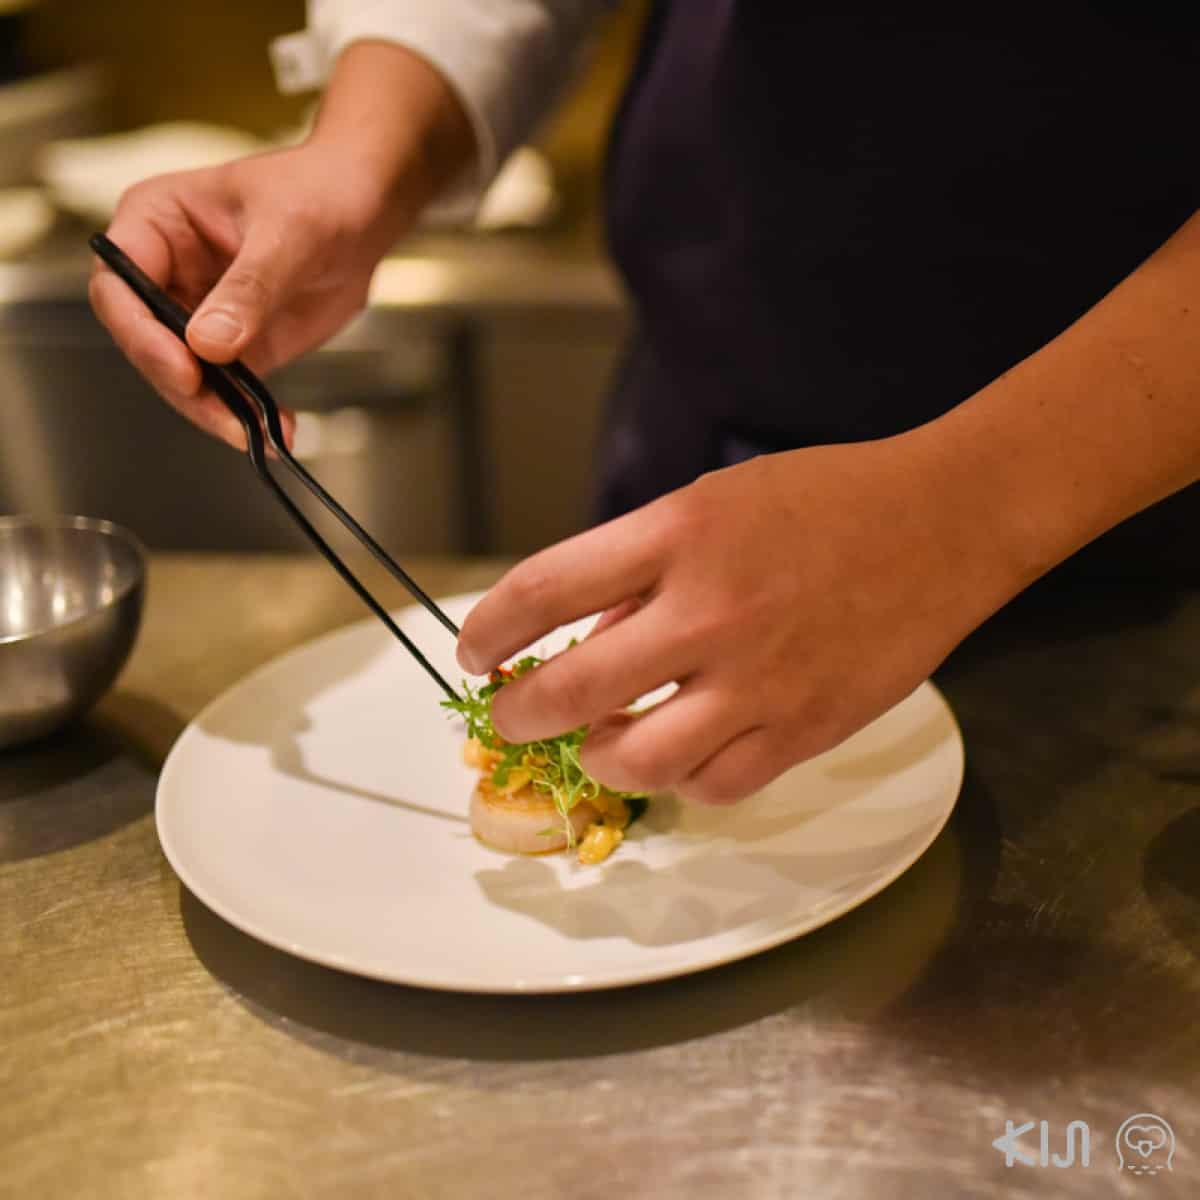 ครัวของร้าน Méli Mélo เป็นครัวแบบเปิด